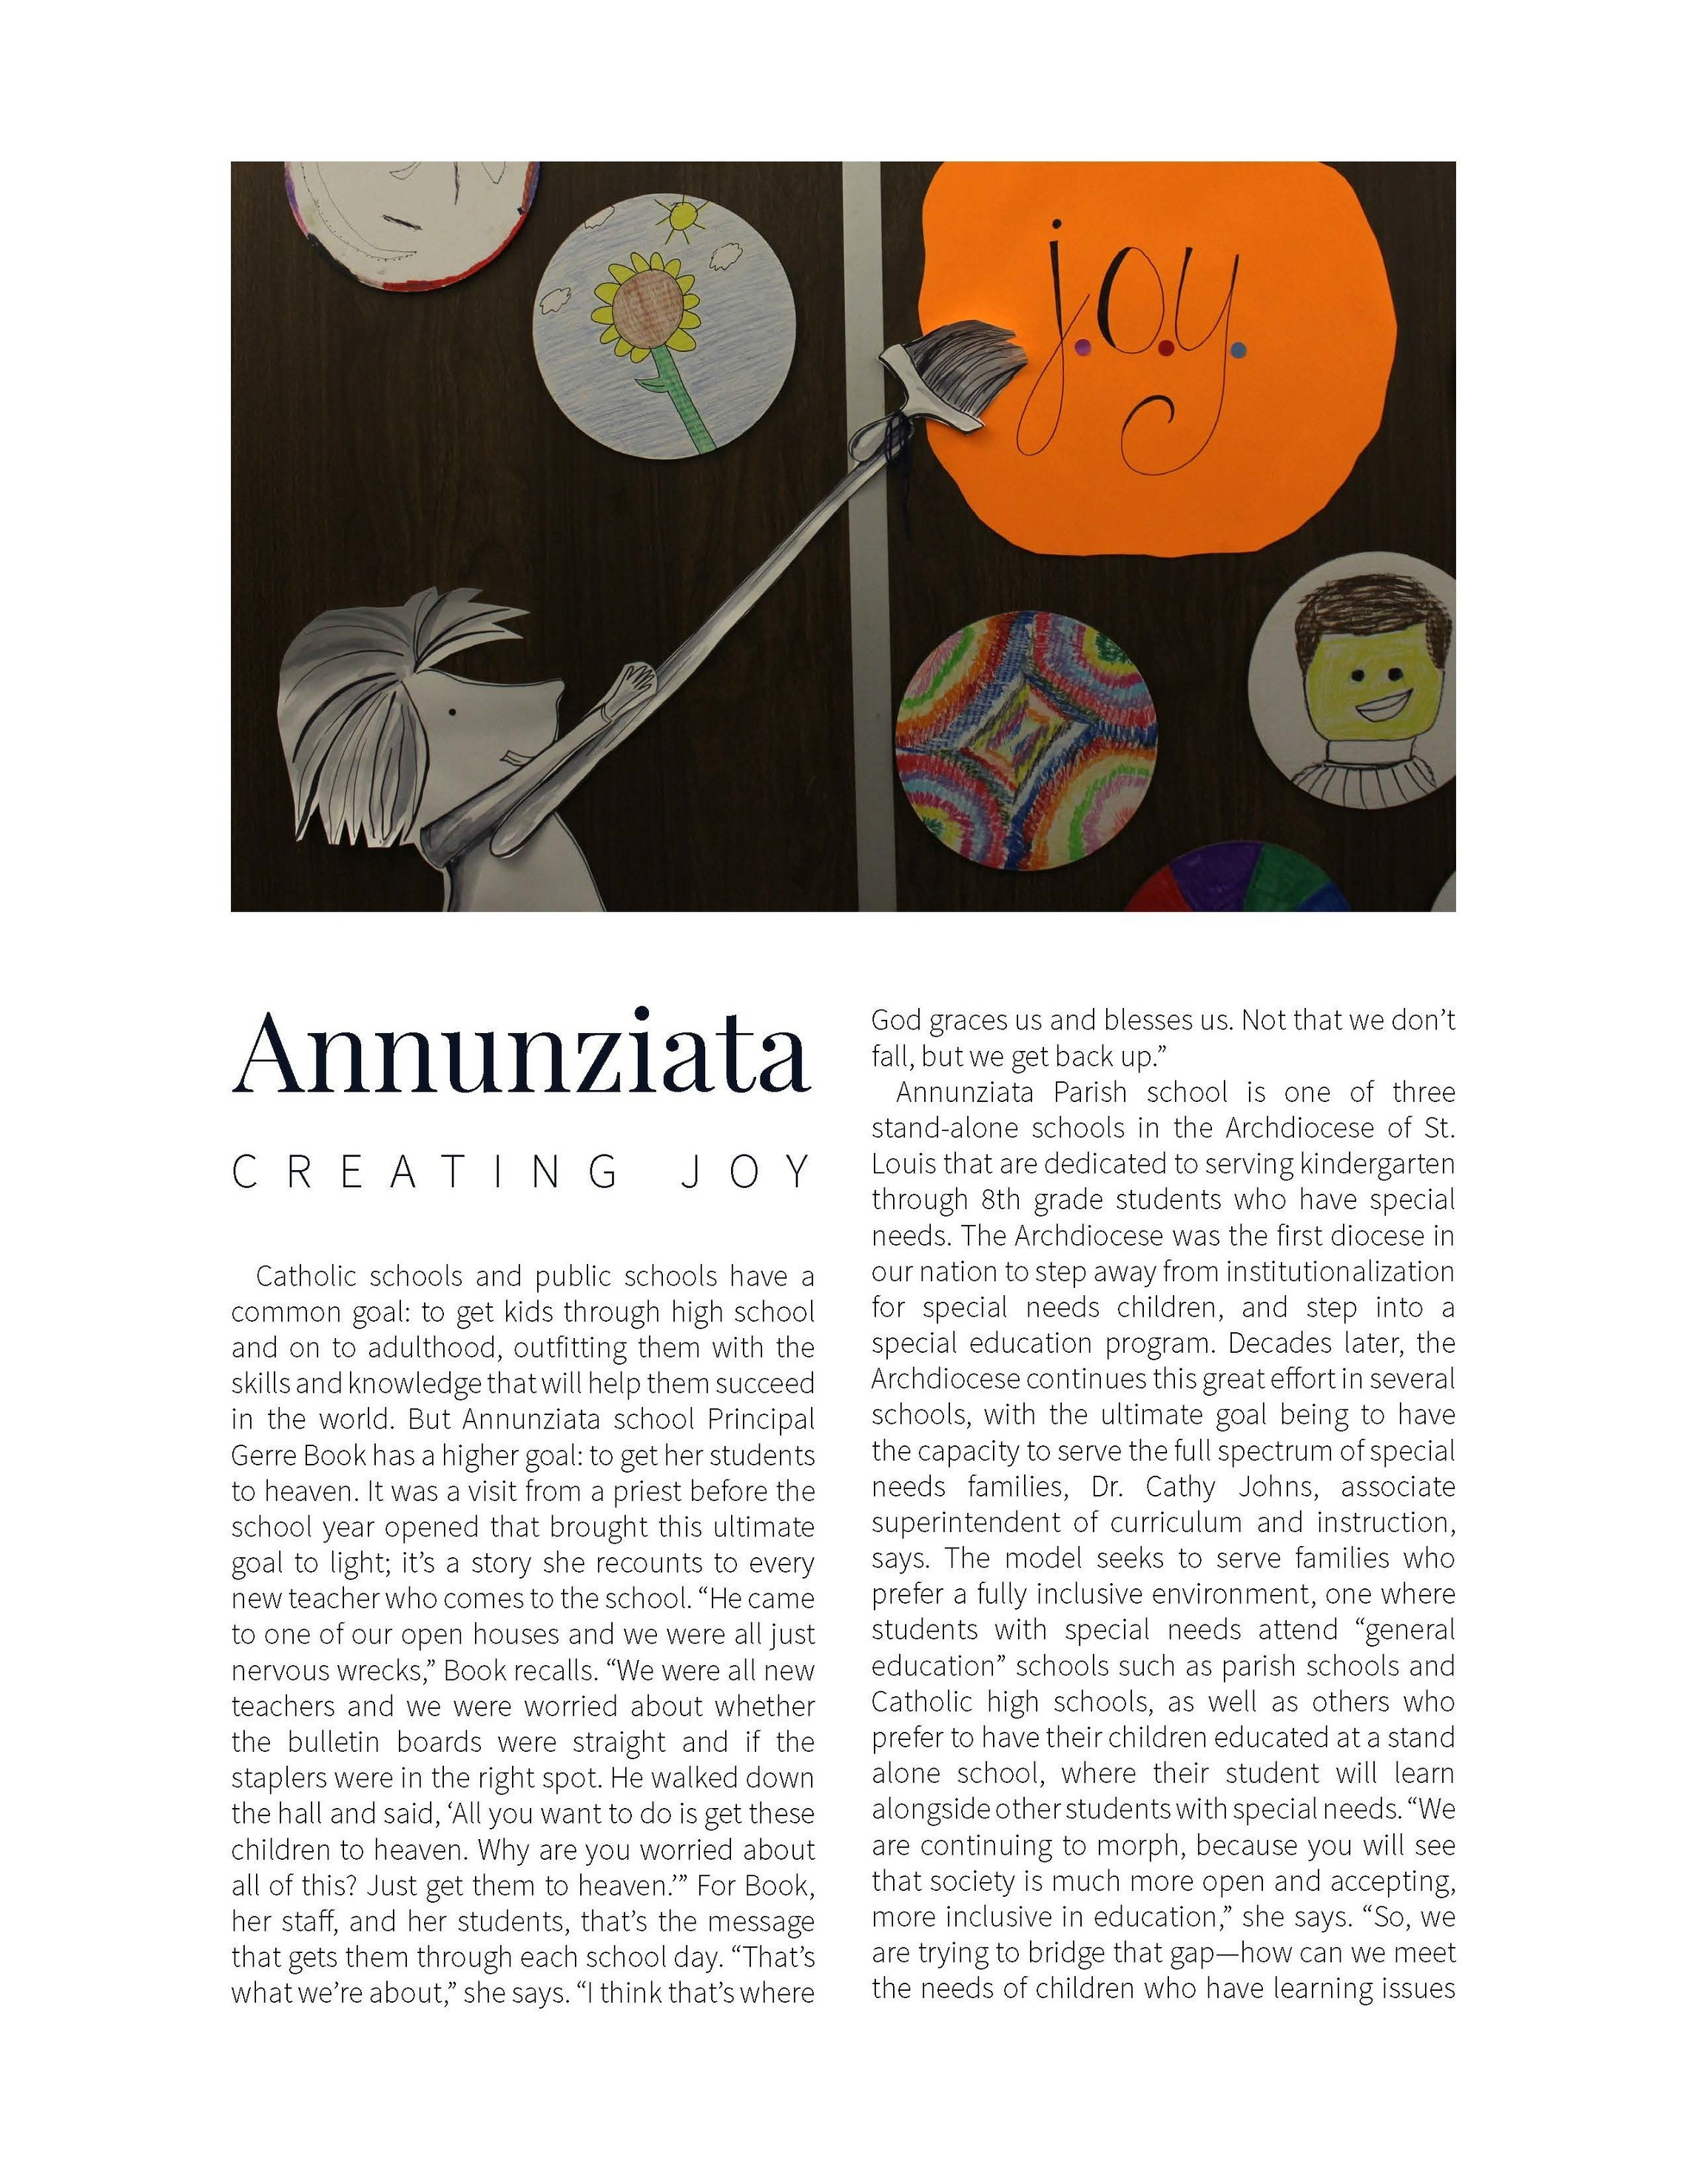 Annunziata Online Image